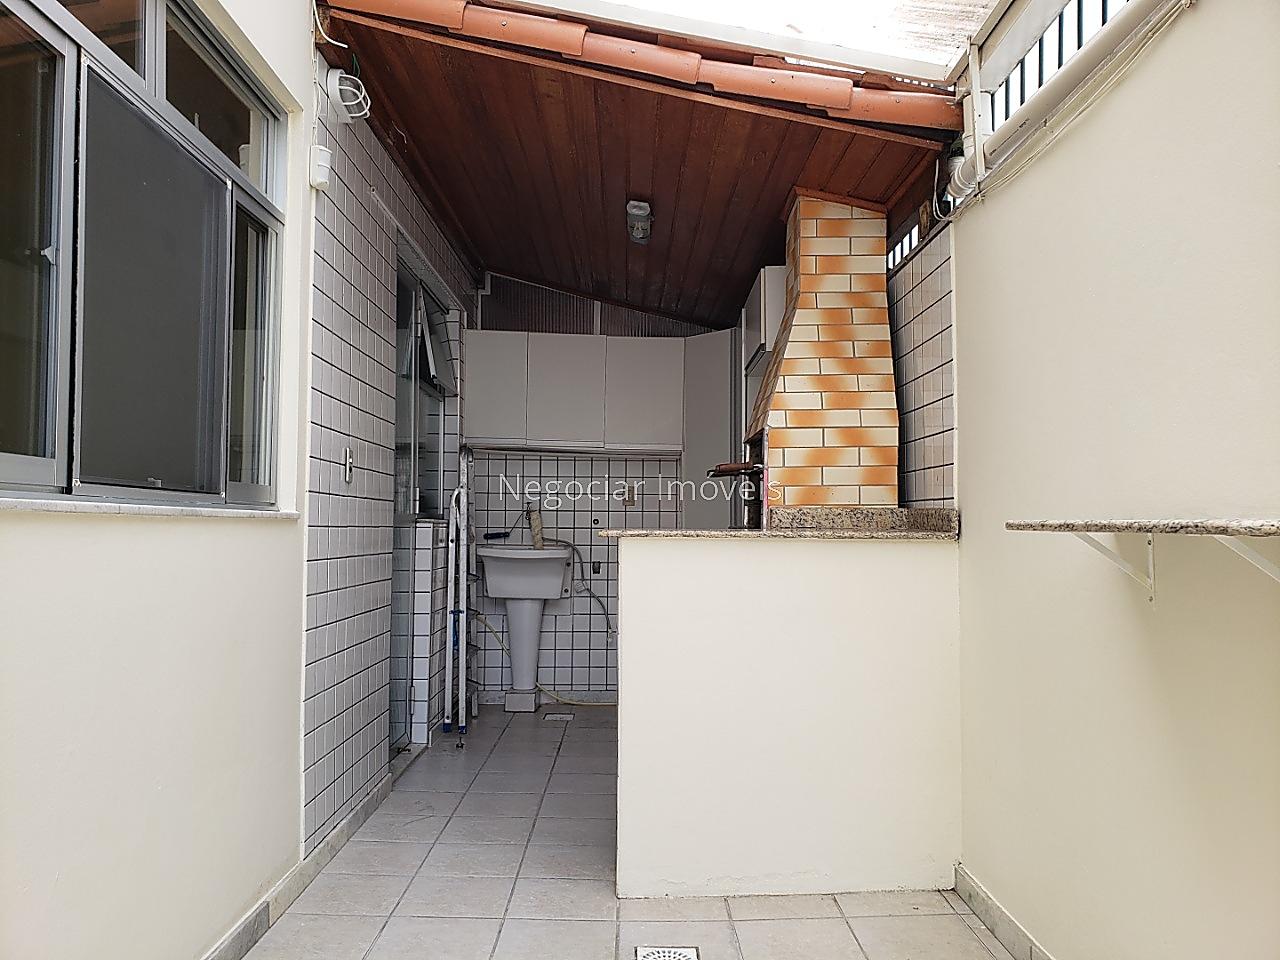 Apartamento à venda em Morro da Glória, Juiz de Fora - MG - Foto 11